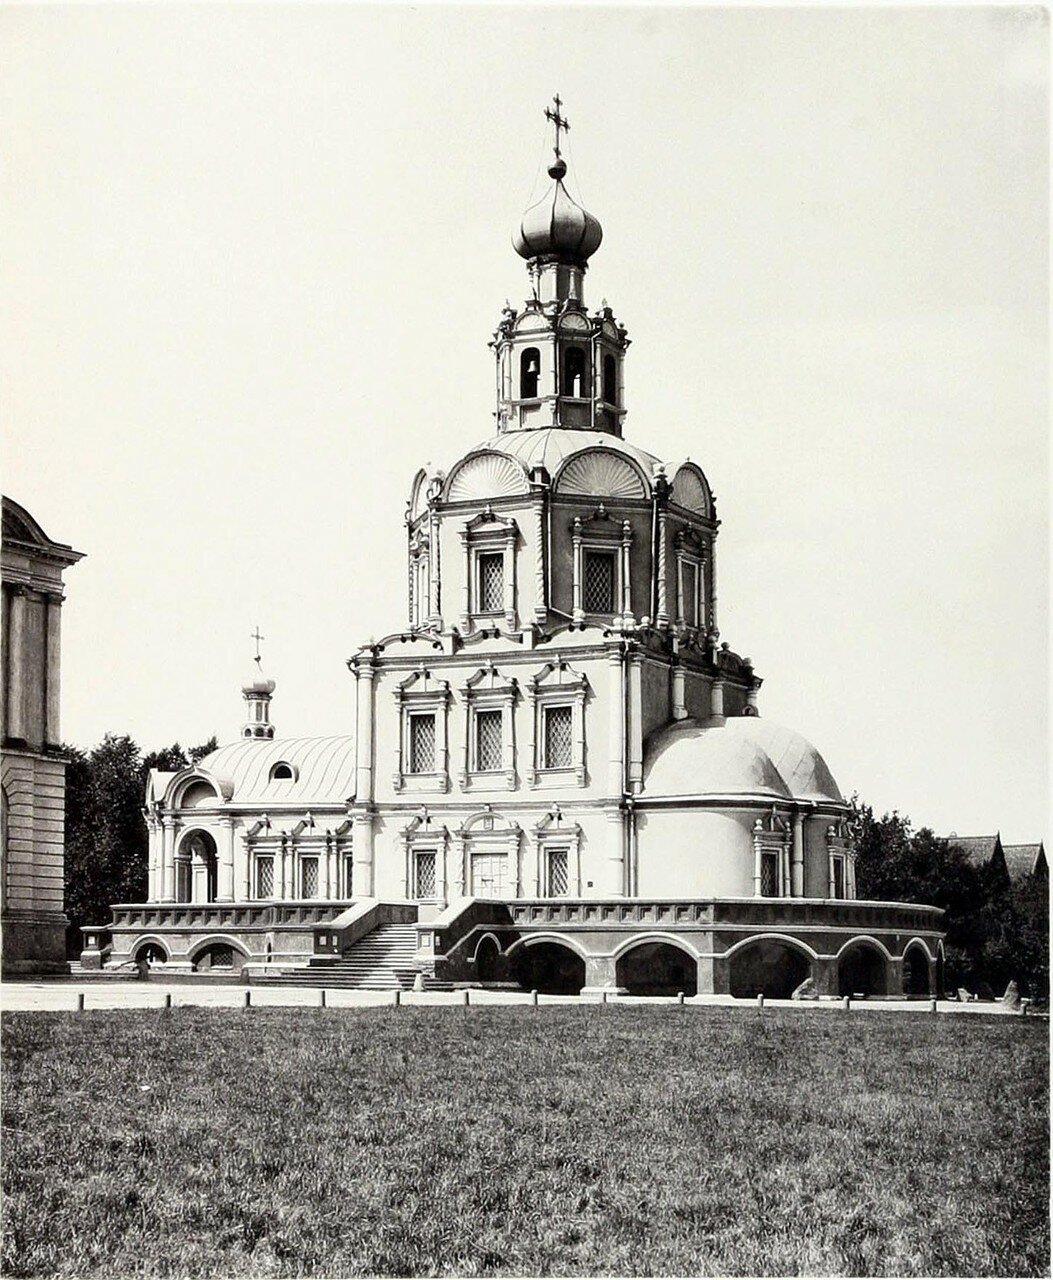 436. Окрестности Москвы. Церковь в Петровско-Разумовском